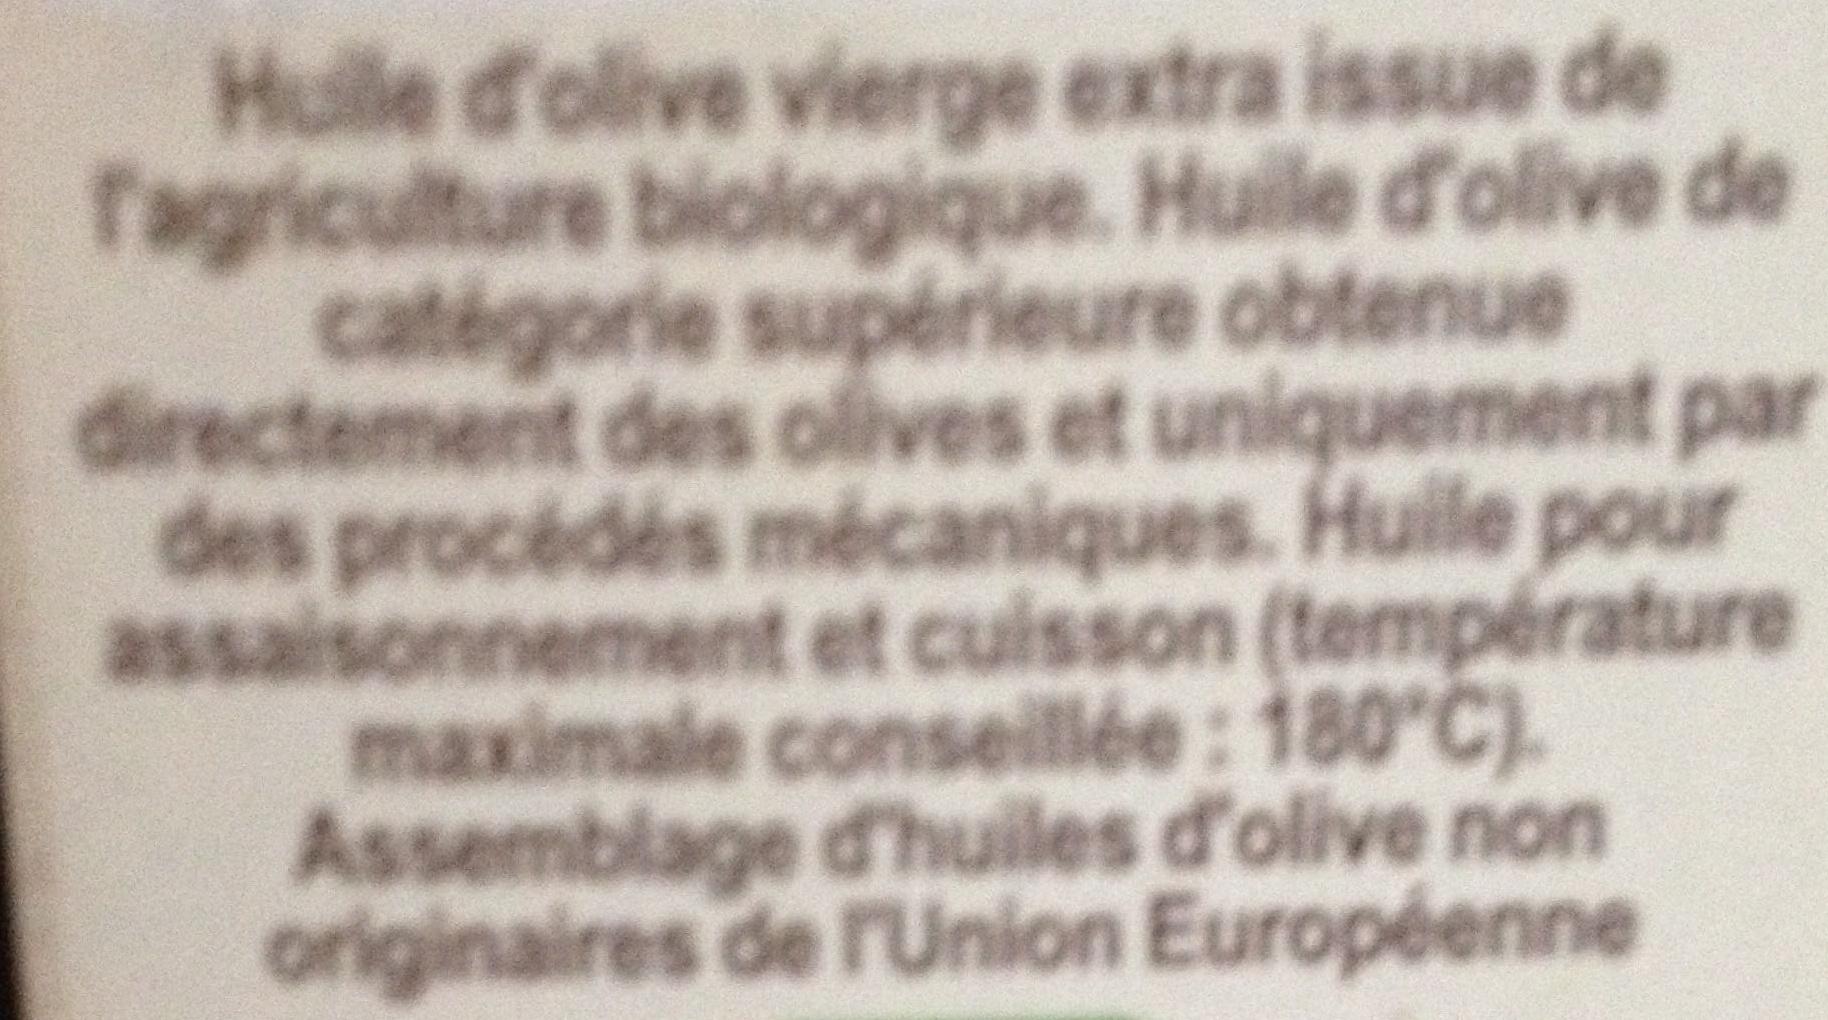 Huile d'olive vierge bio - Ingredienti - fr